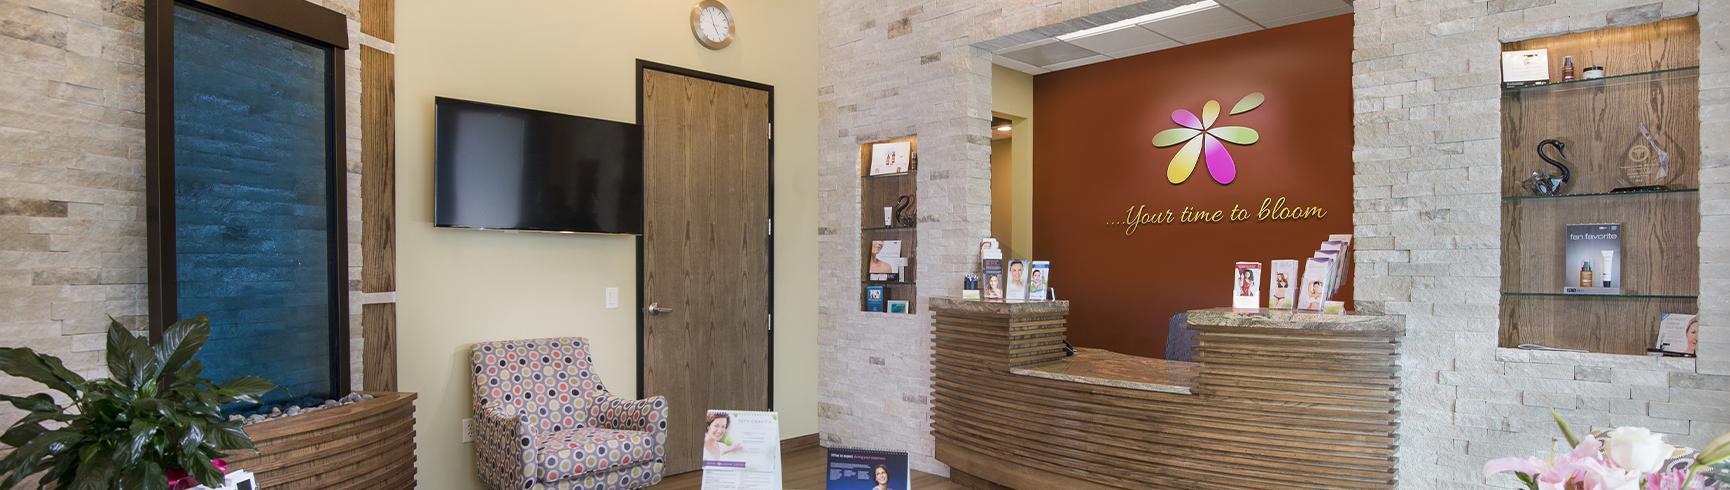 Aspira Plastic Surgery & MedSpa office